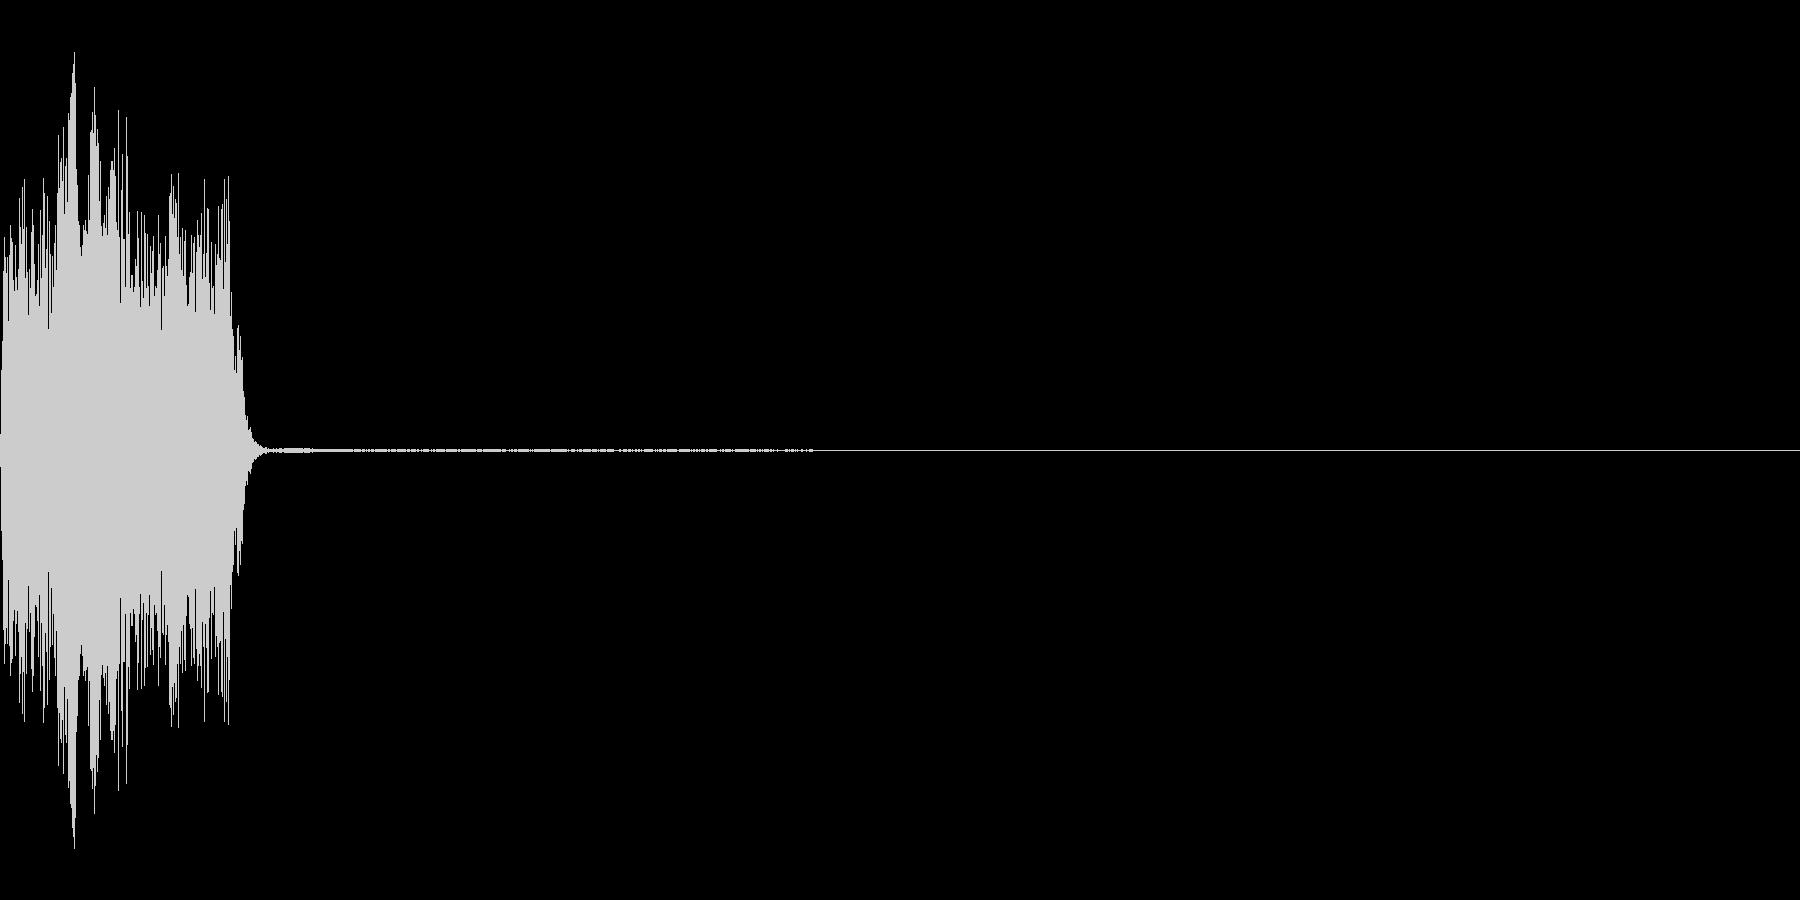 コックピットなどの細かい電子音_05の未再生の波形